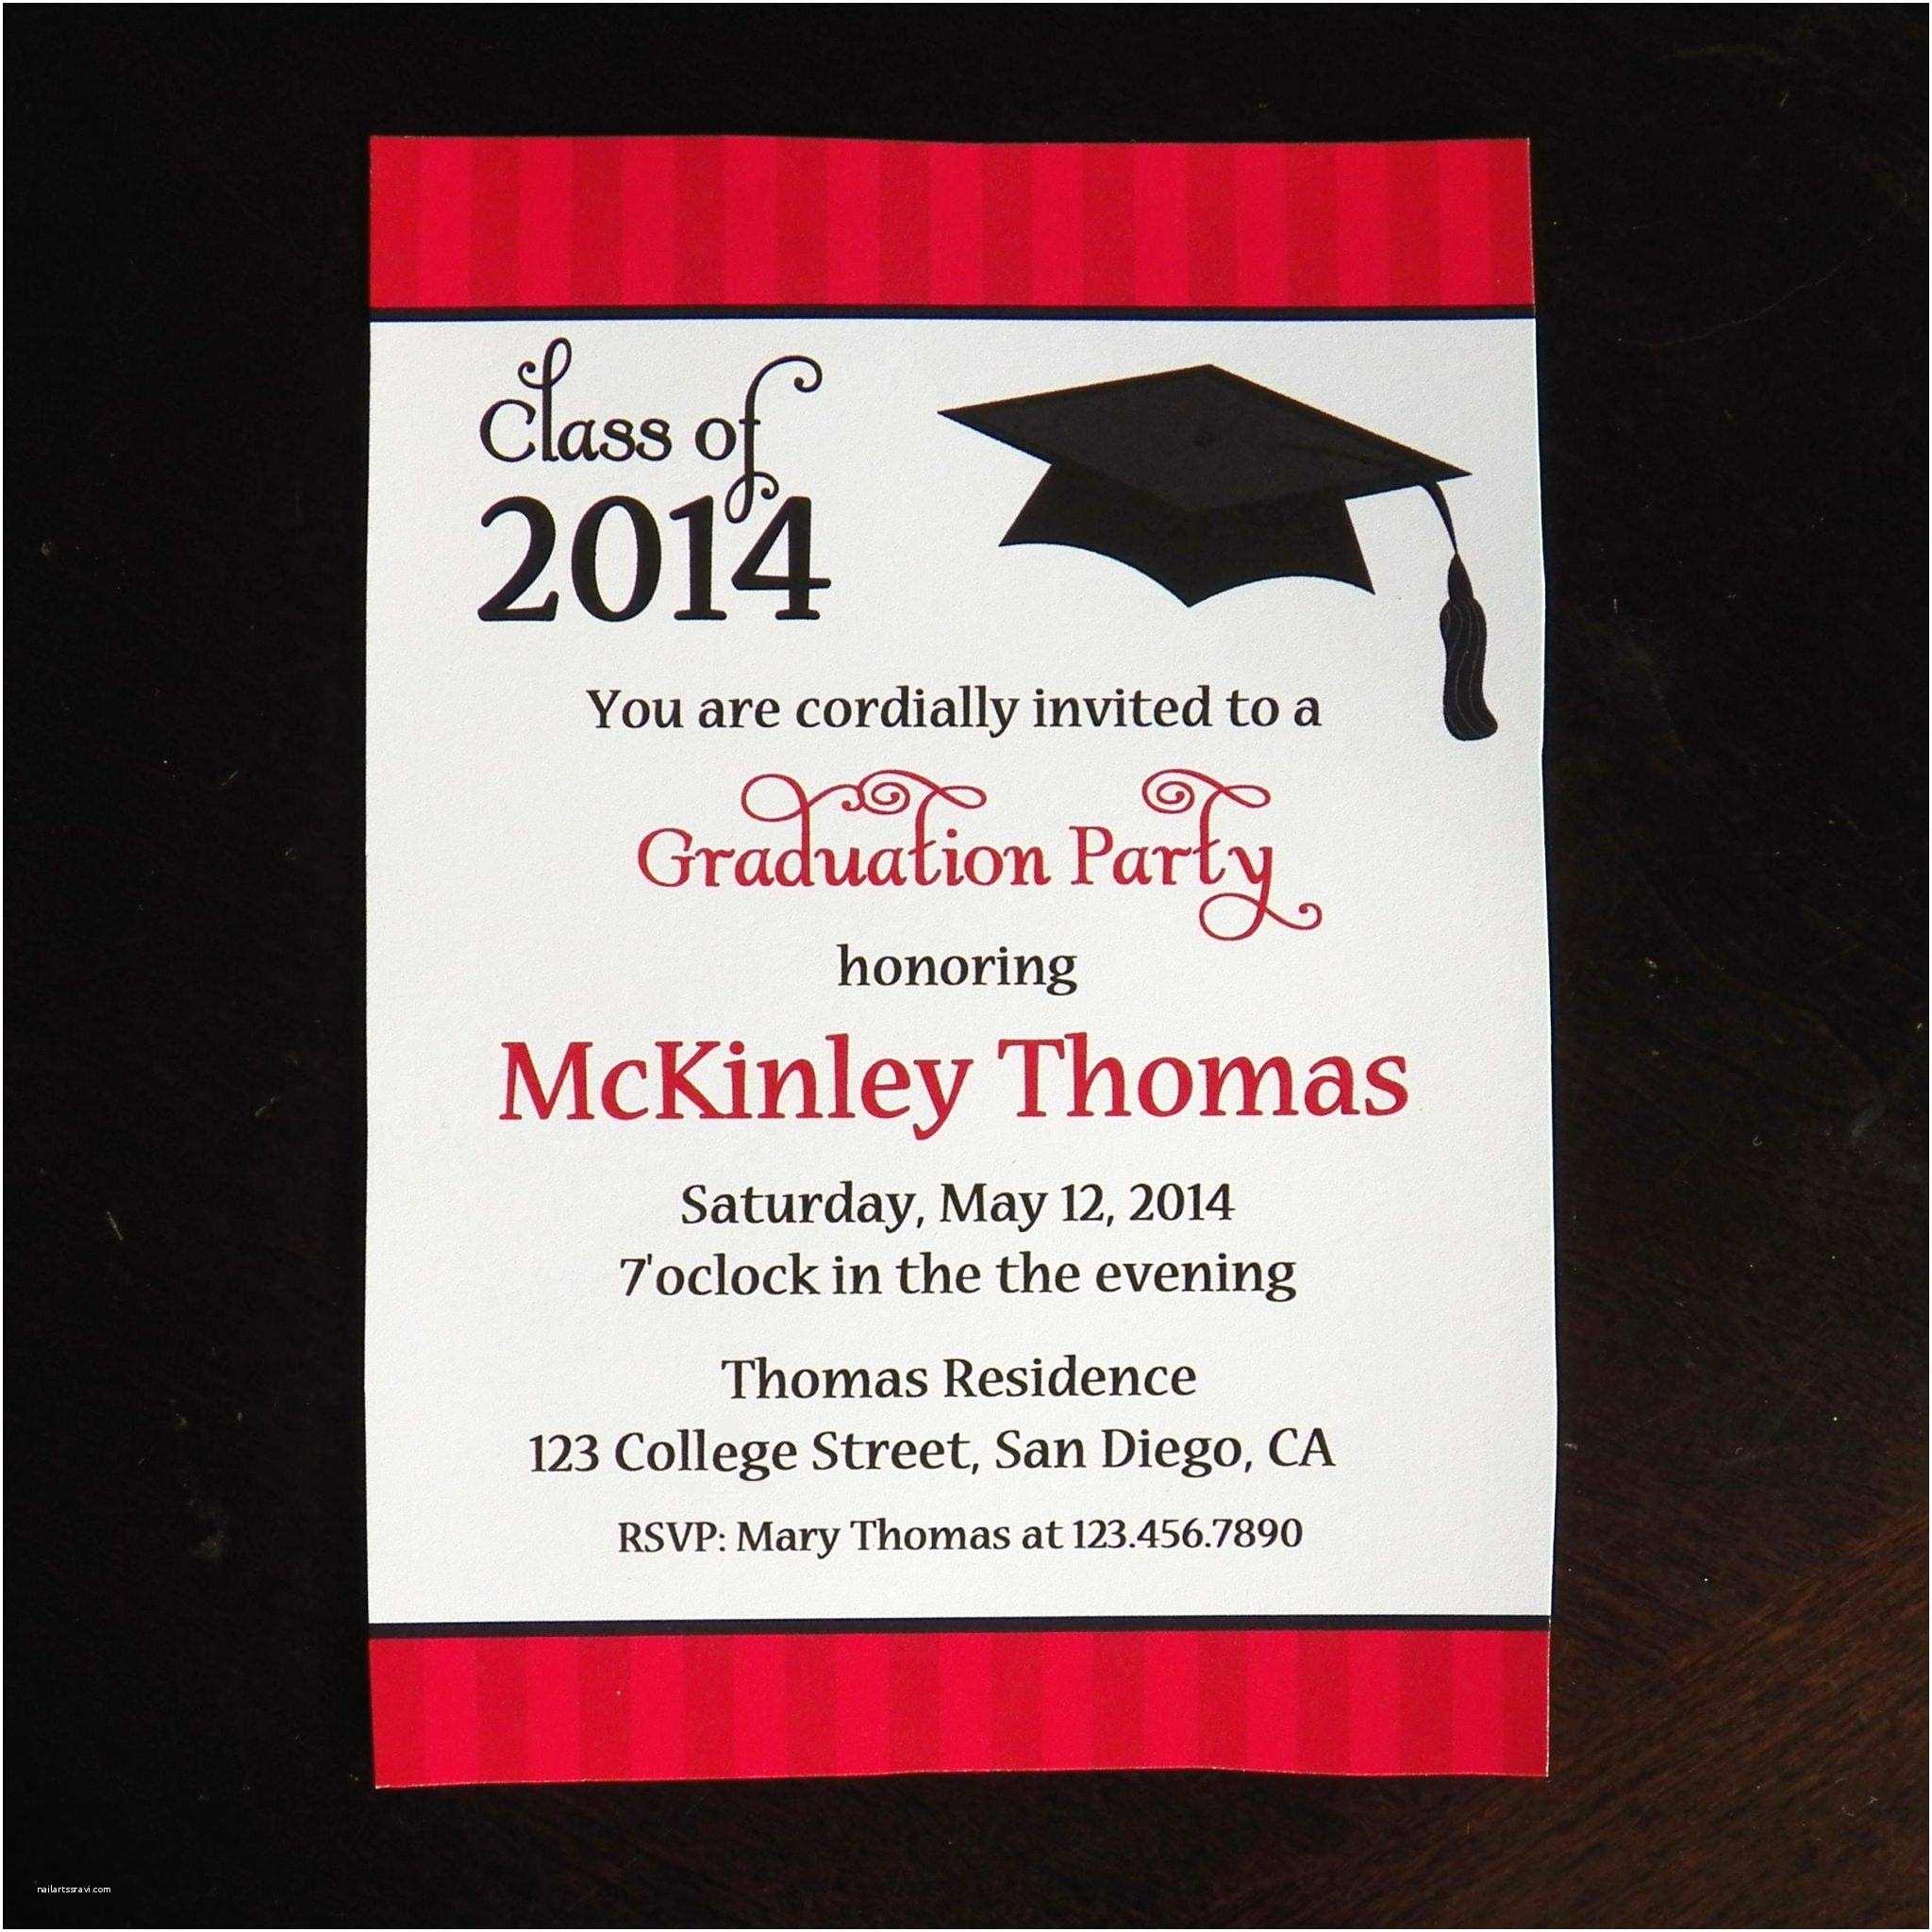 Sample Graduation Invitation Sample Graduation Invitation Eczalinf